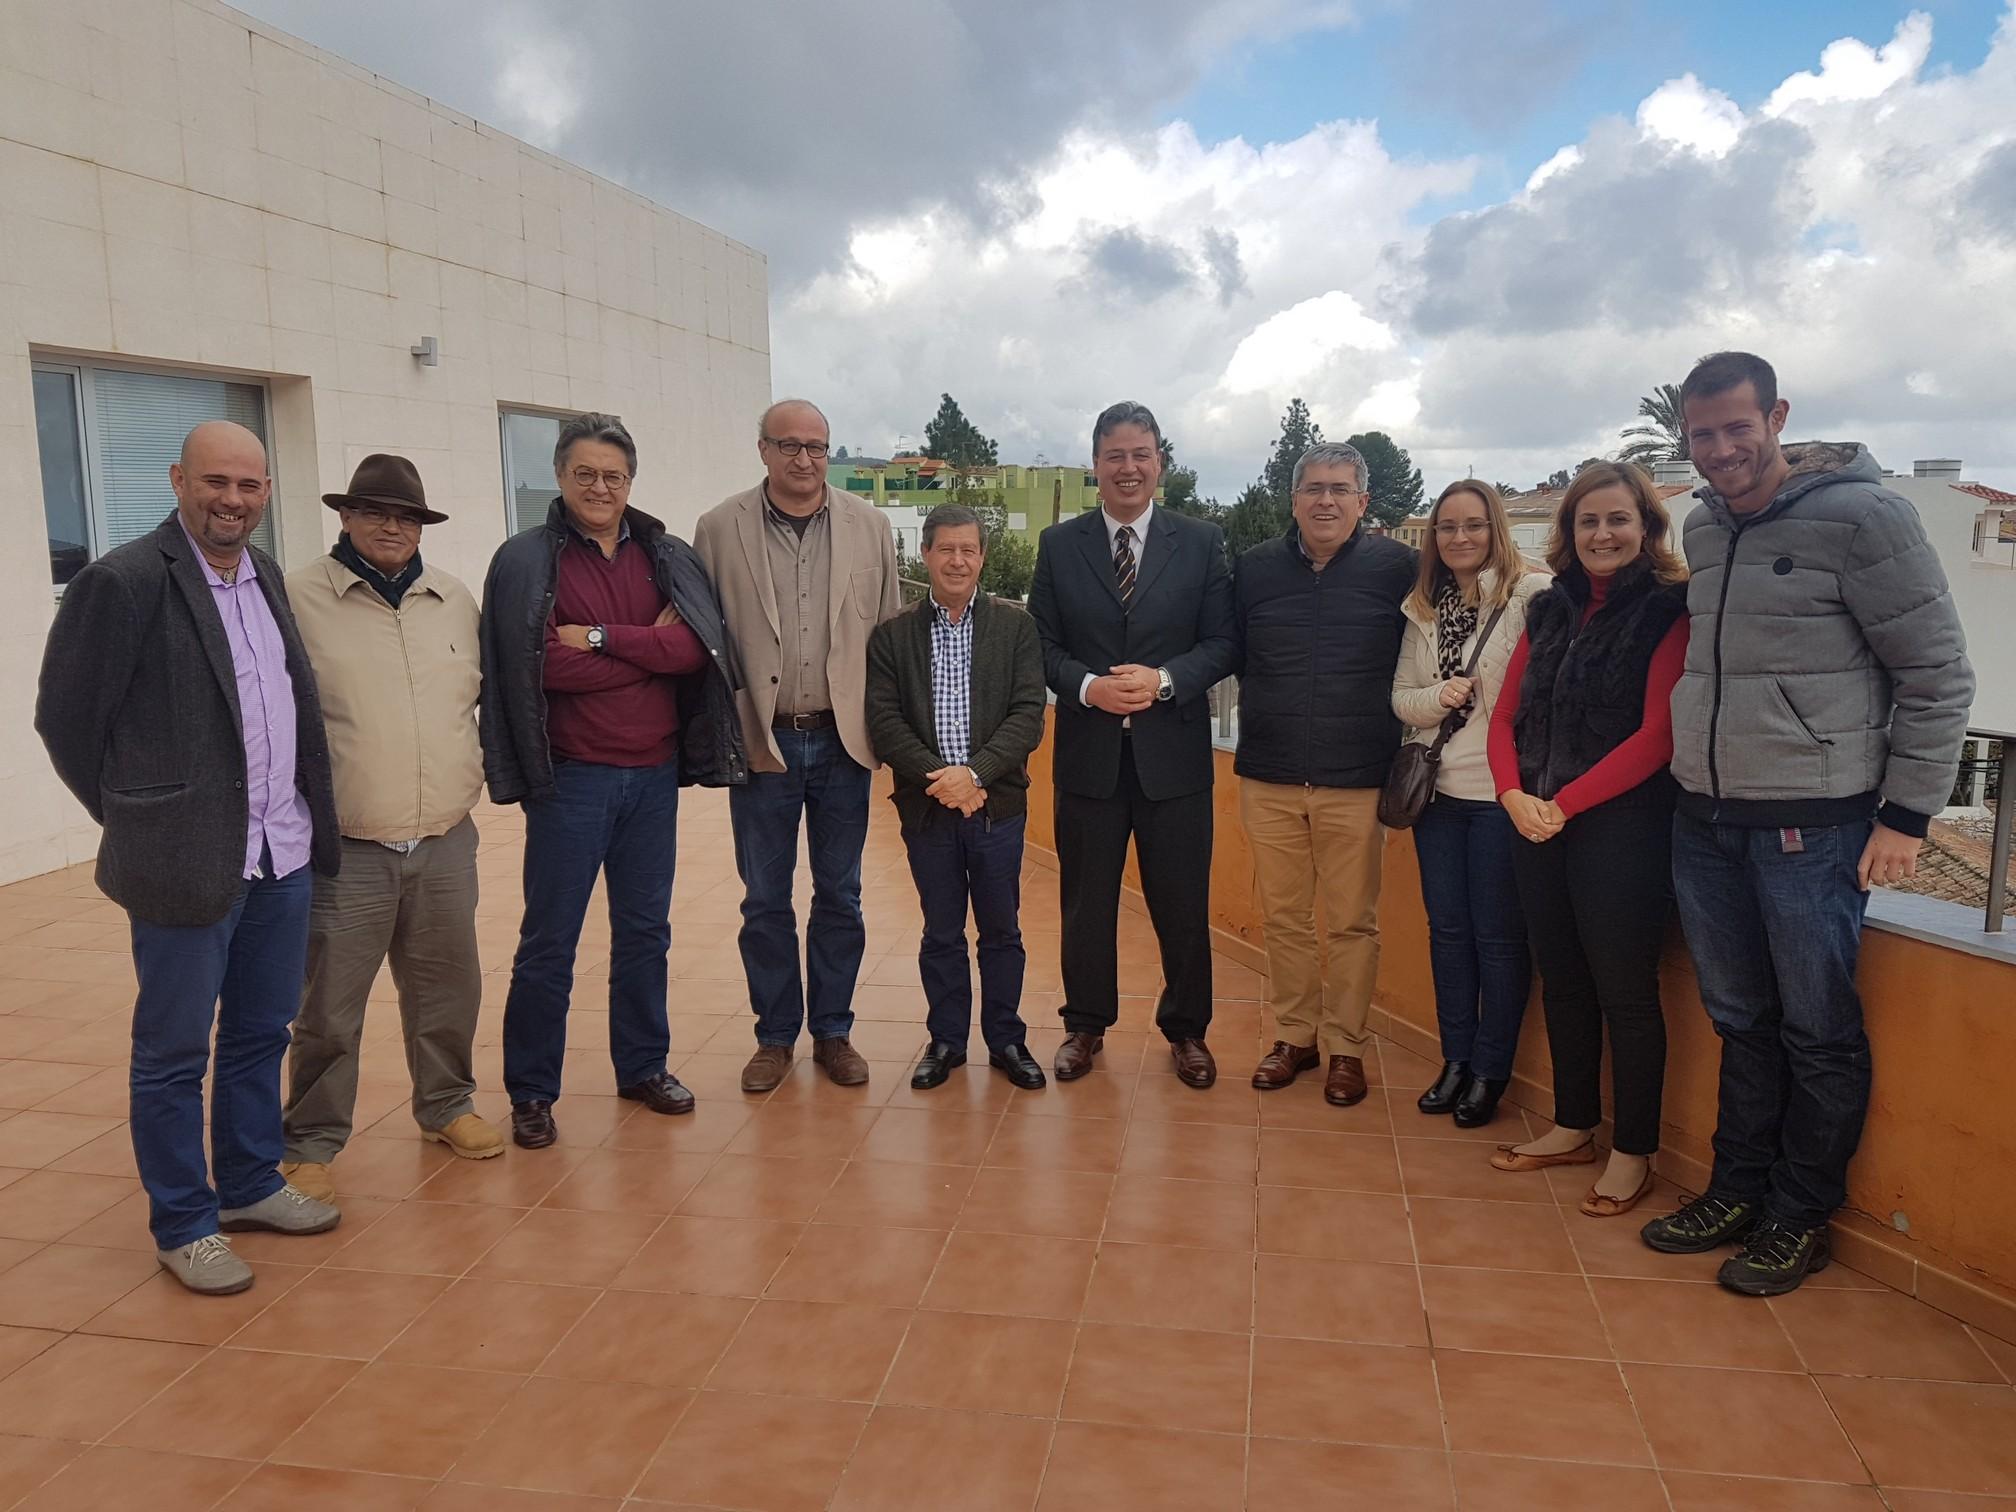 mancomunidadMancomunidad junta nueva 2016